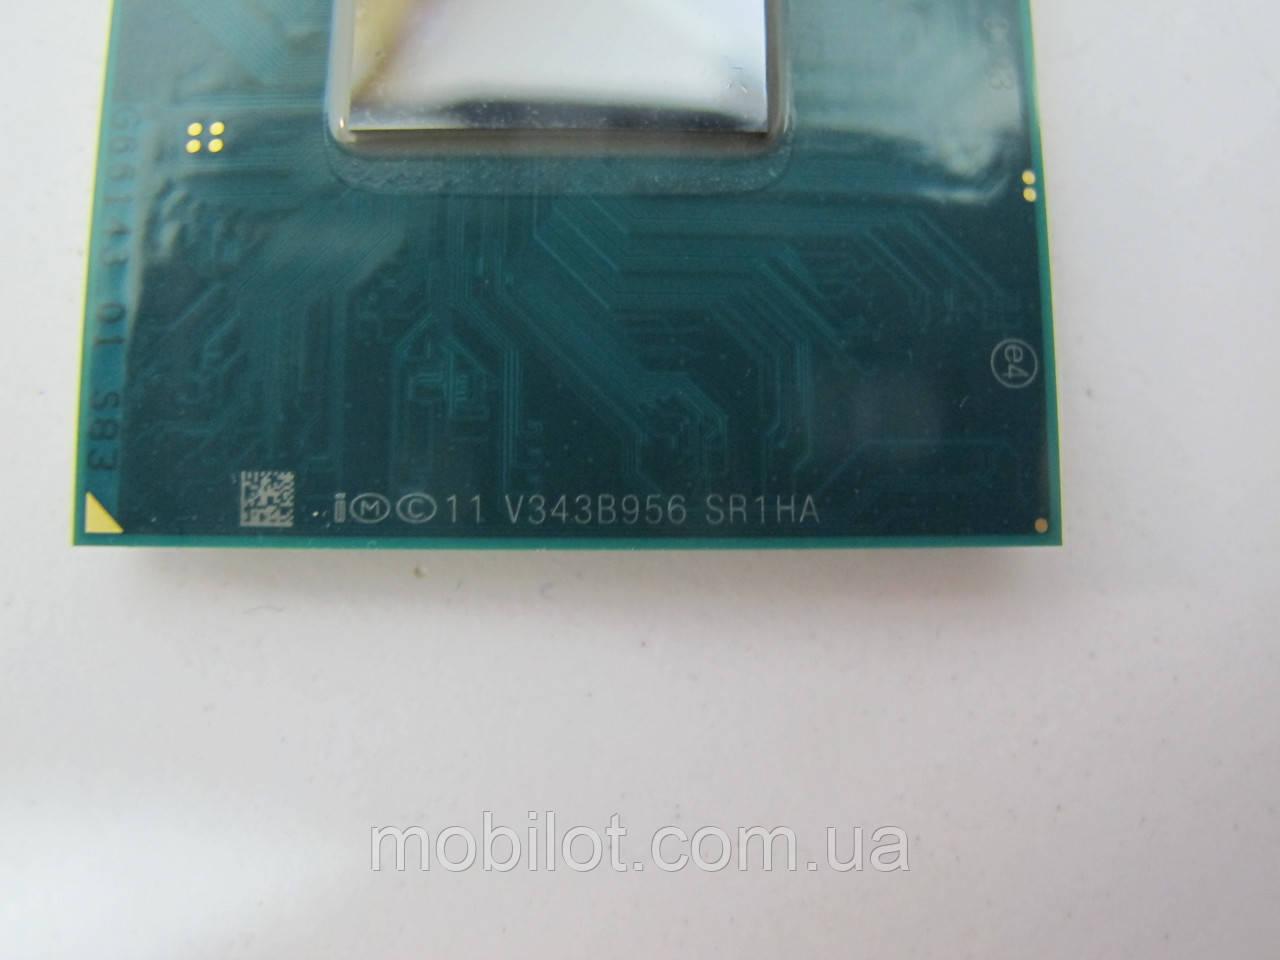 Процессор Intel i5-4200M (NZ-5924) 3